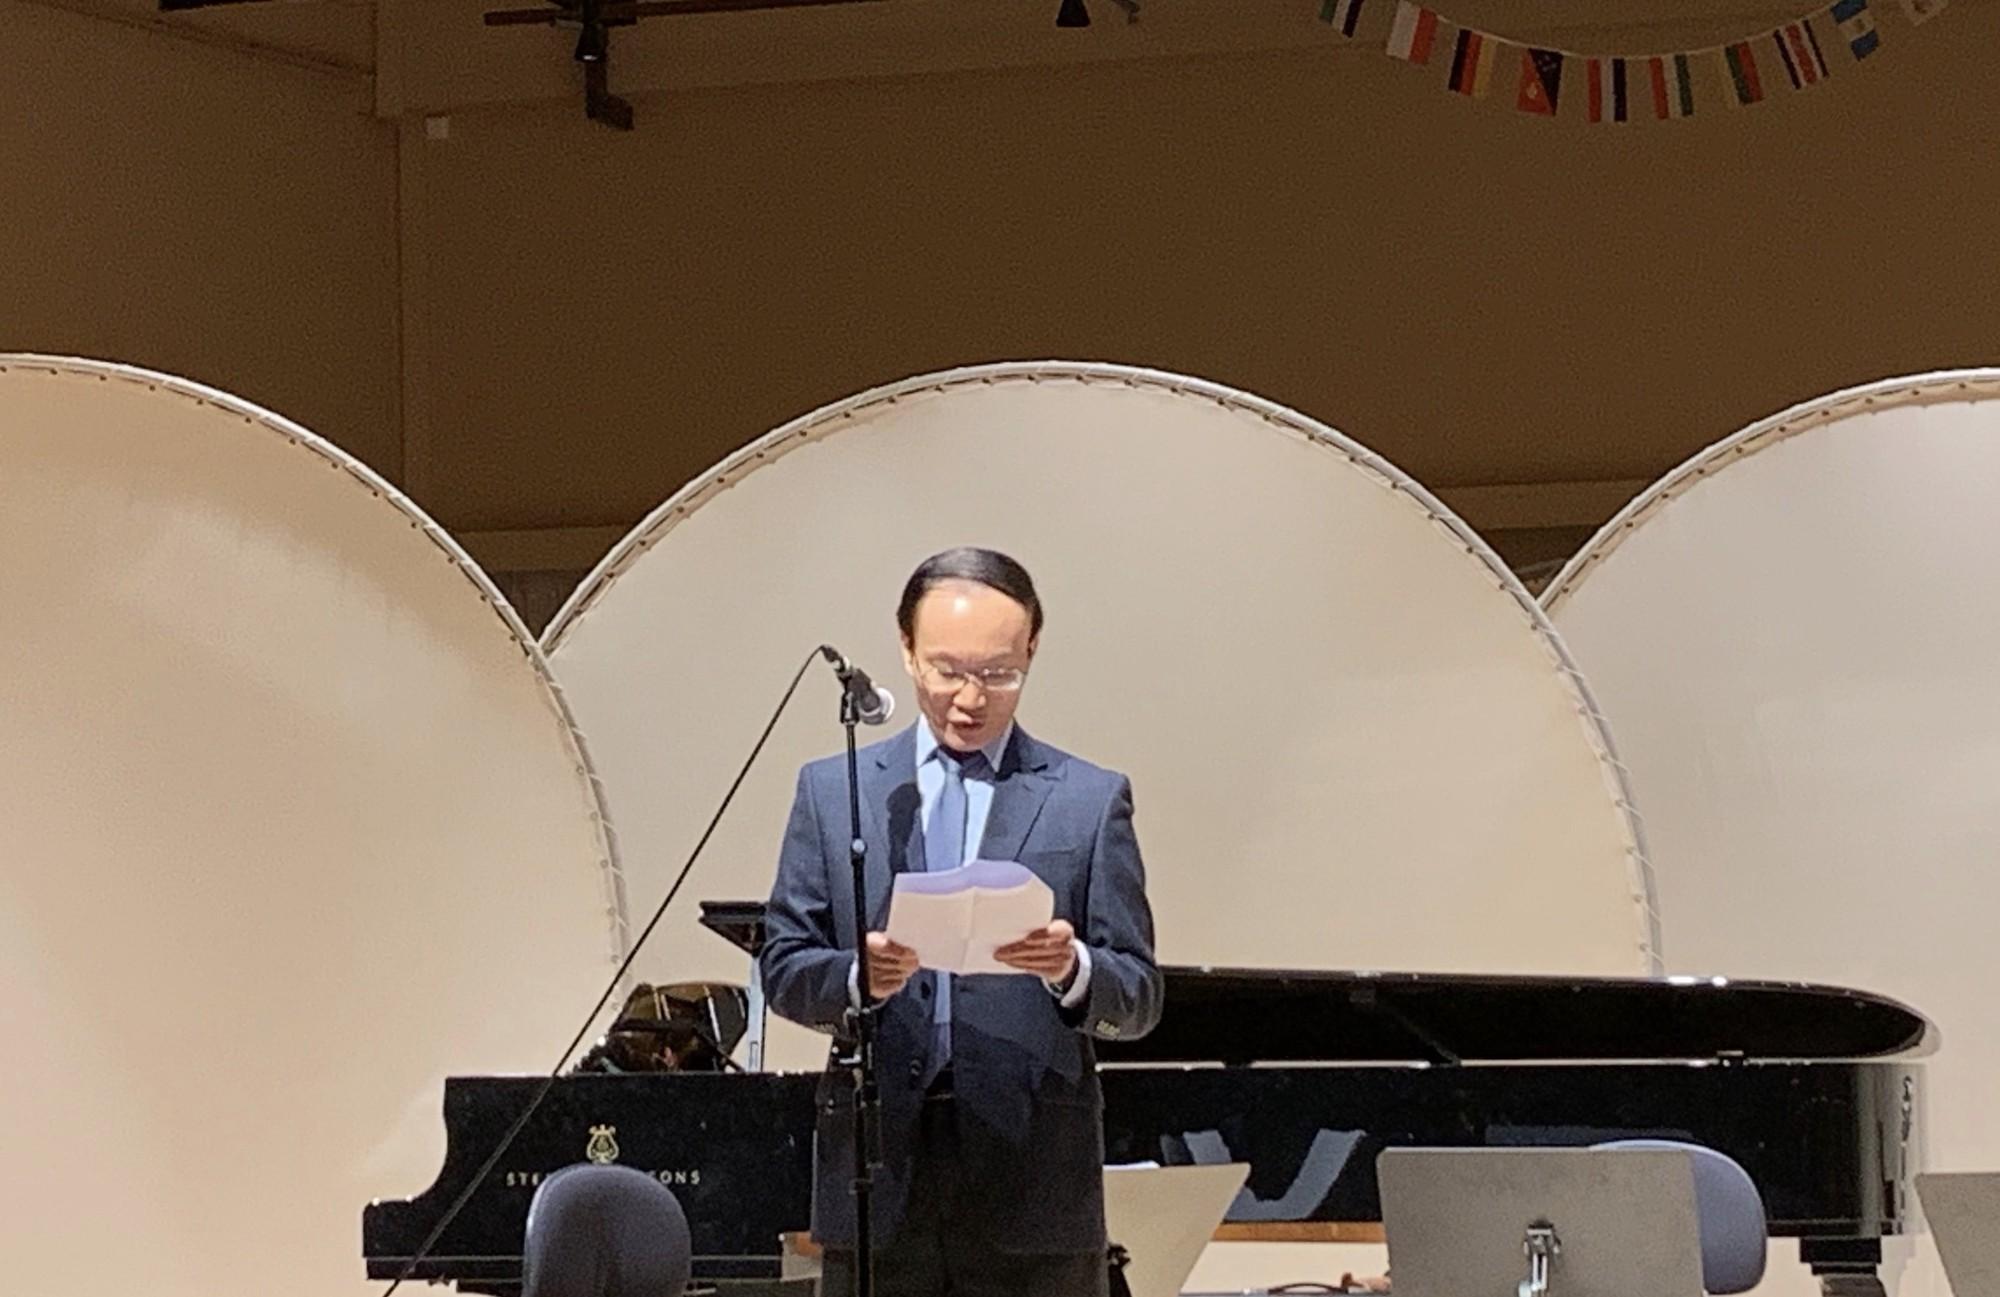 Chương trình hòa nhạc của Học viện Âm nhạc Quốc gia Việt Nam tại Học viện Âm nhạc Malmo - Ảnh 1.